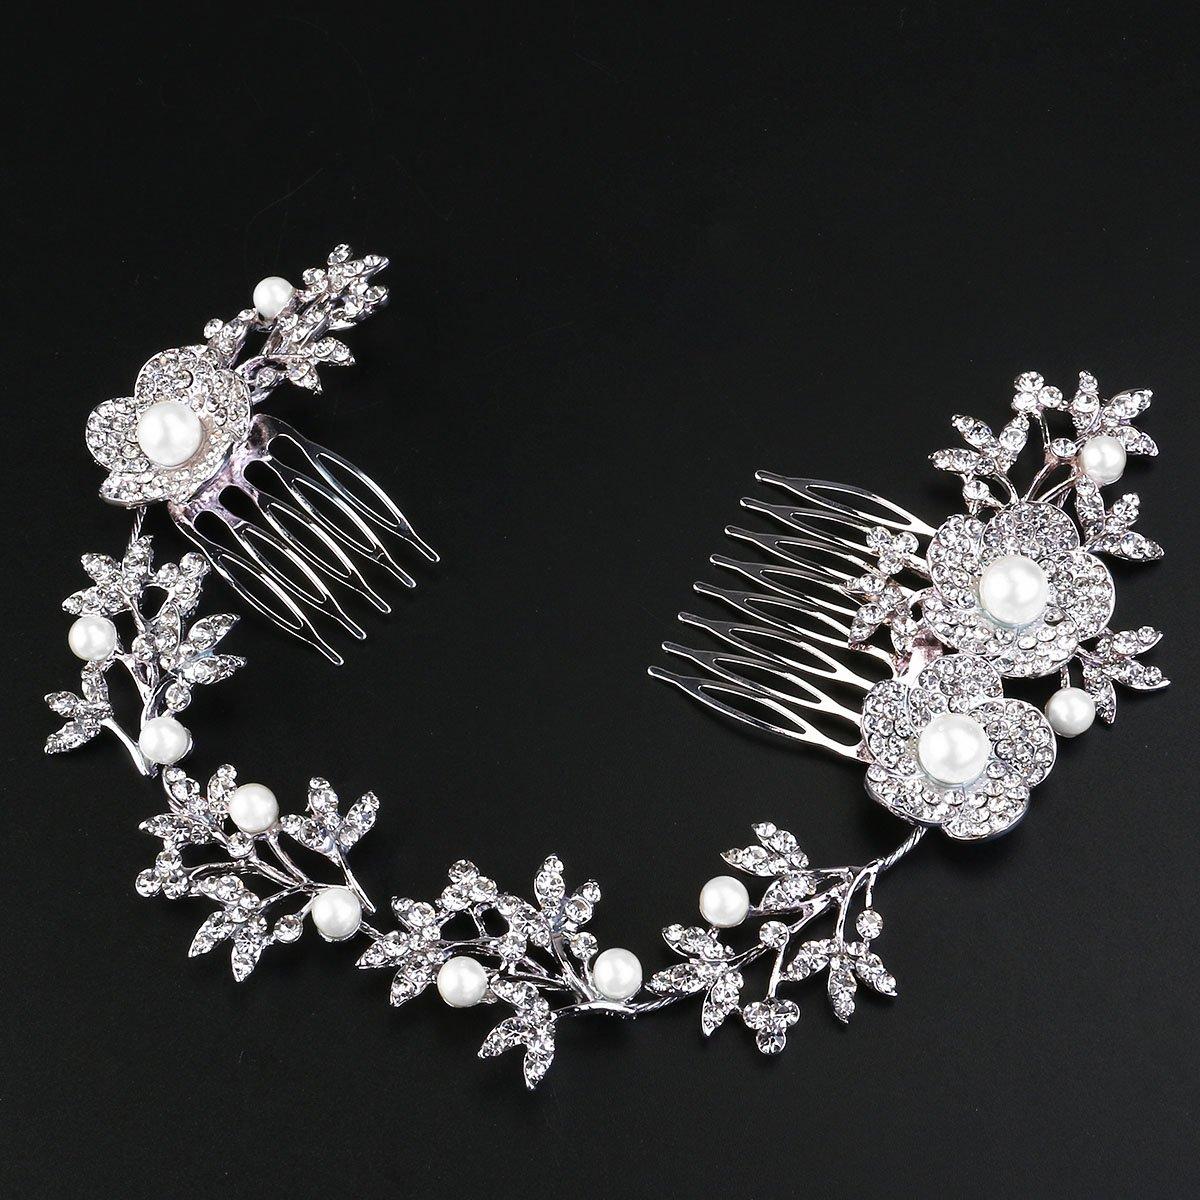 Tinksky Boda nupcial pelo peine perla cristal accesorios flor hoja pelo  Clip lado peinetón 8a6b1ceb3da8